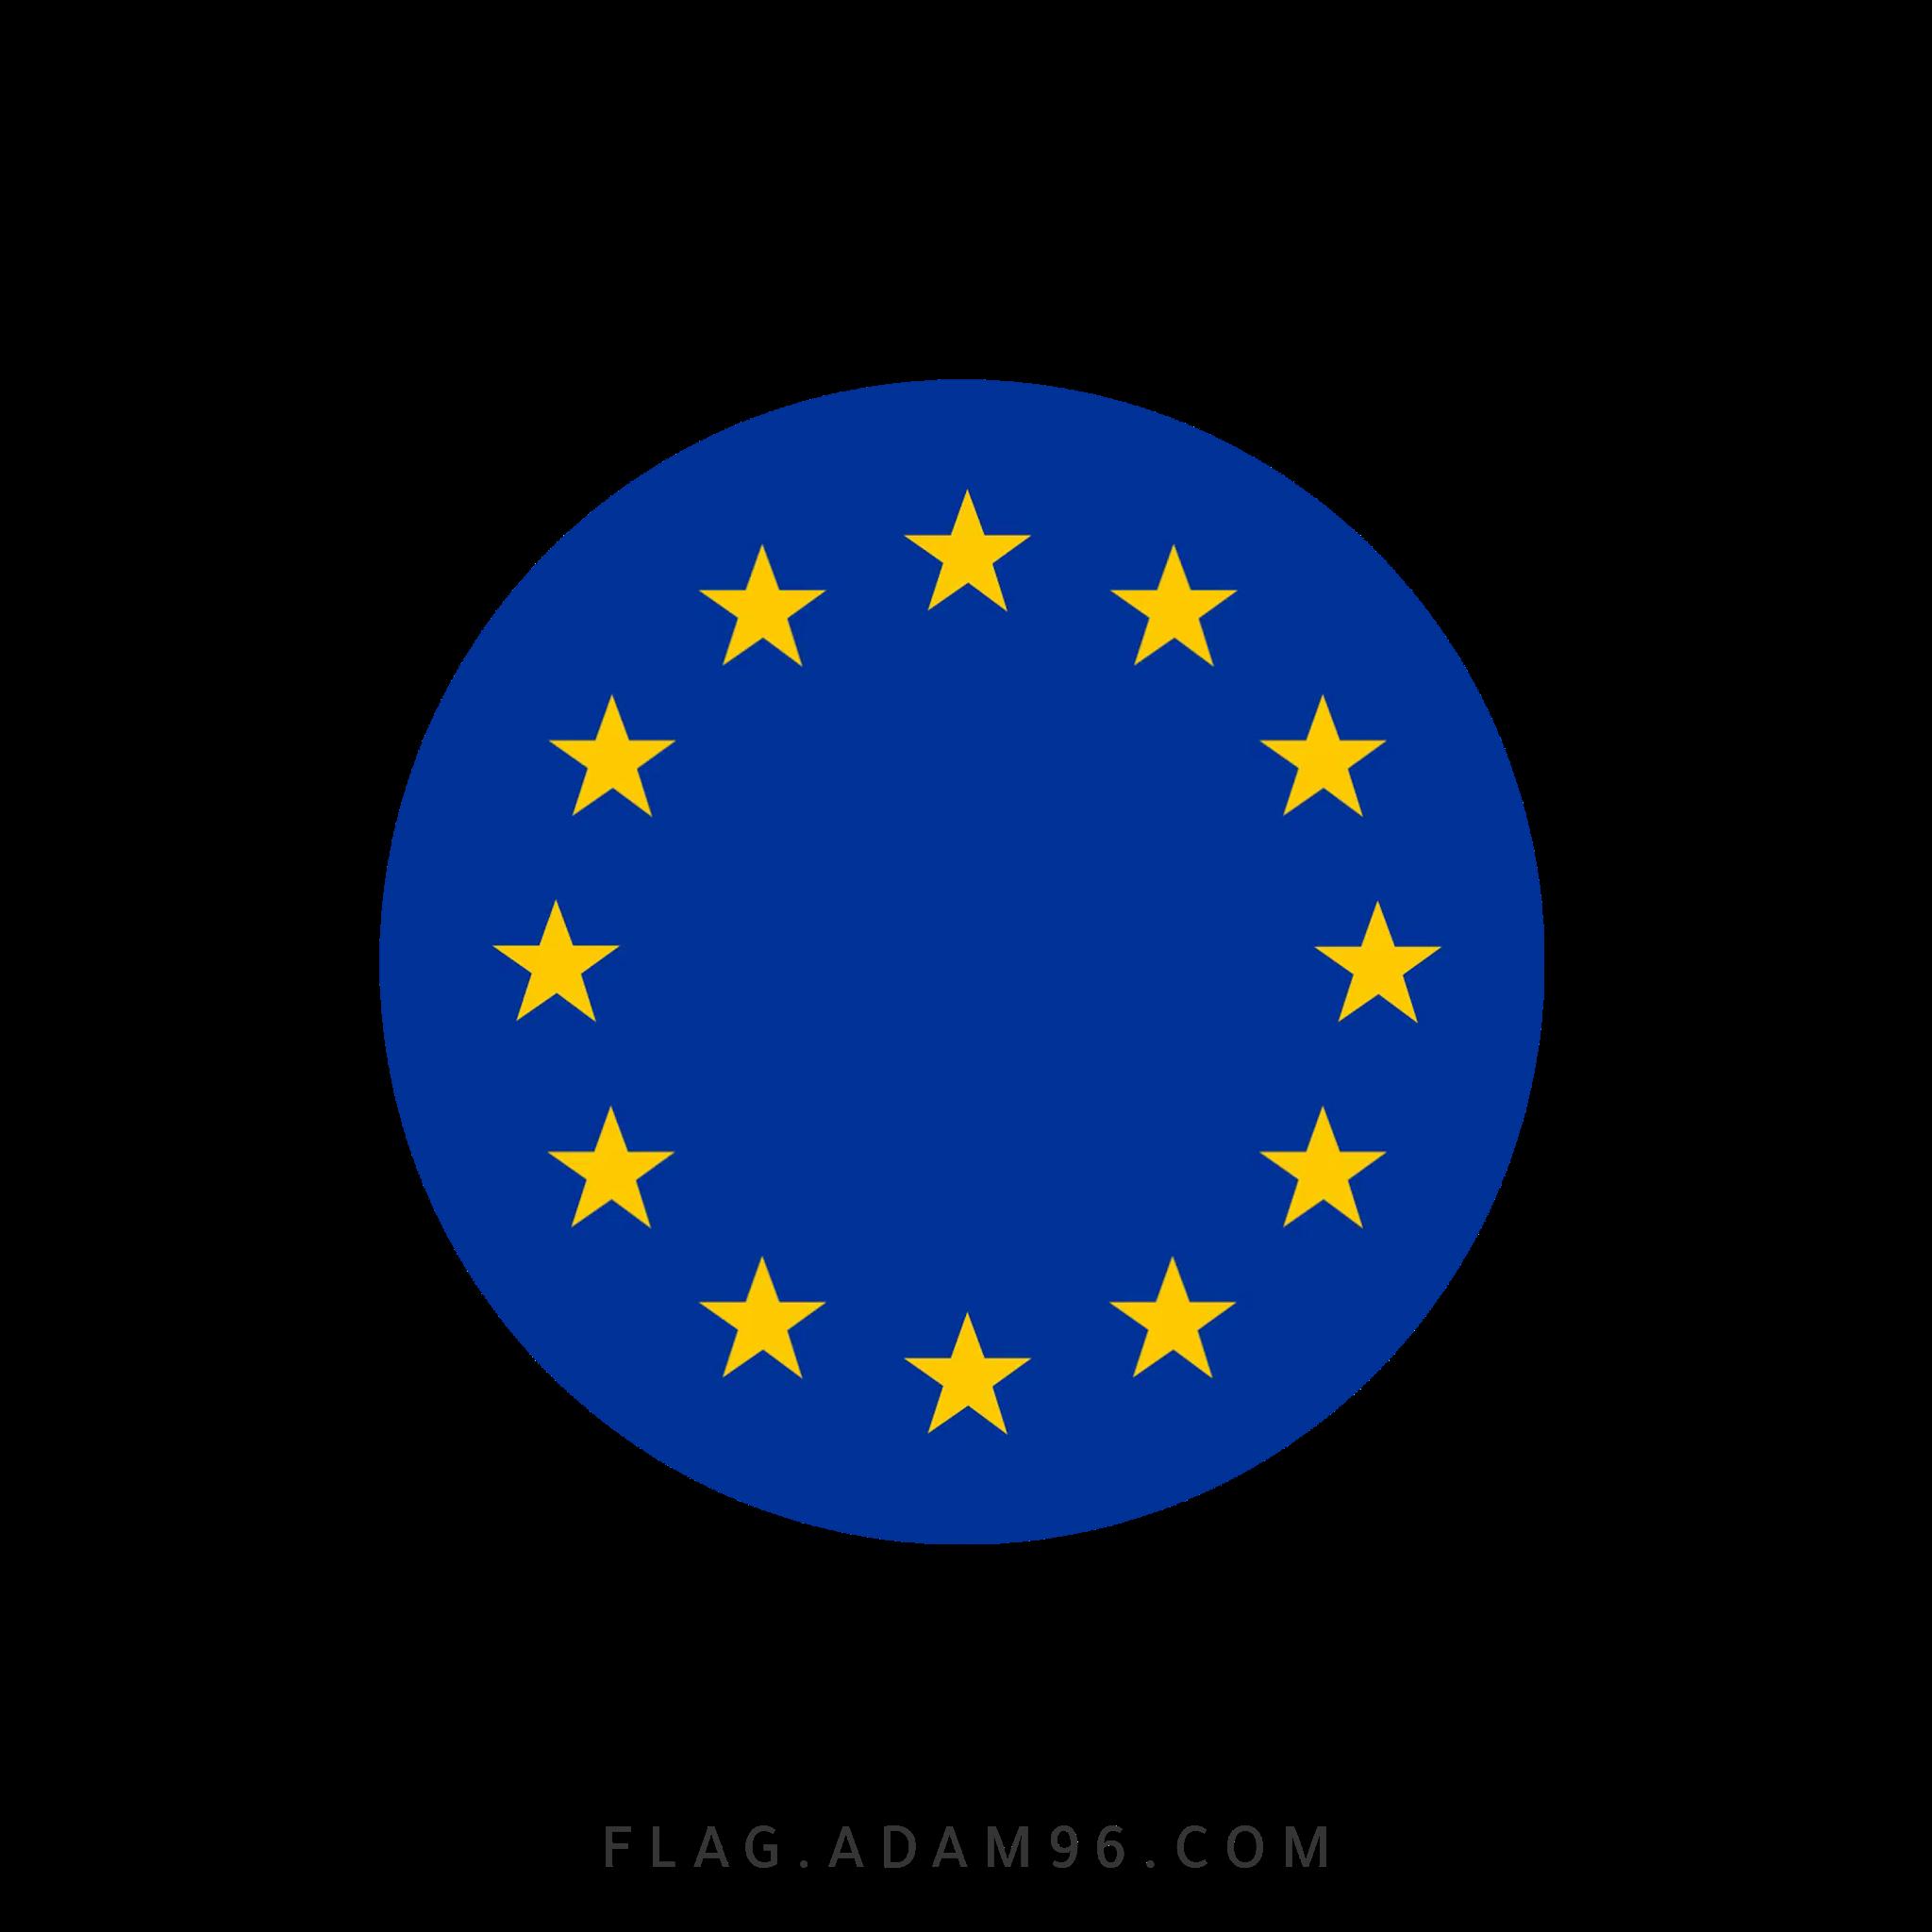 تحميل علم الاتحاد الاوروبي بشكل دائري للتصميم خلفيات علم الاتحاد الاوروبي للتصميم بصيغة PNG